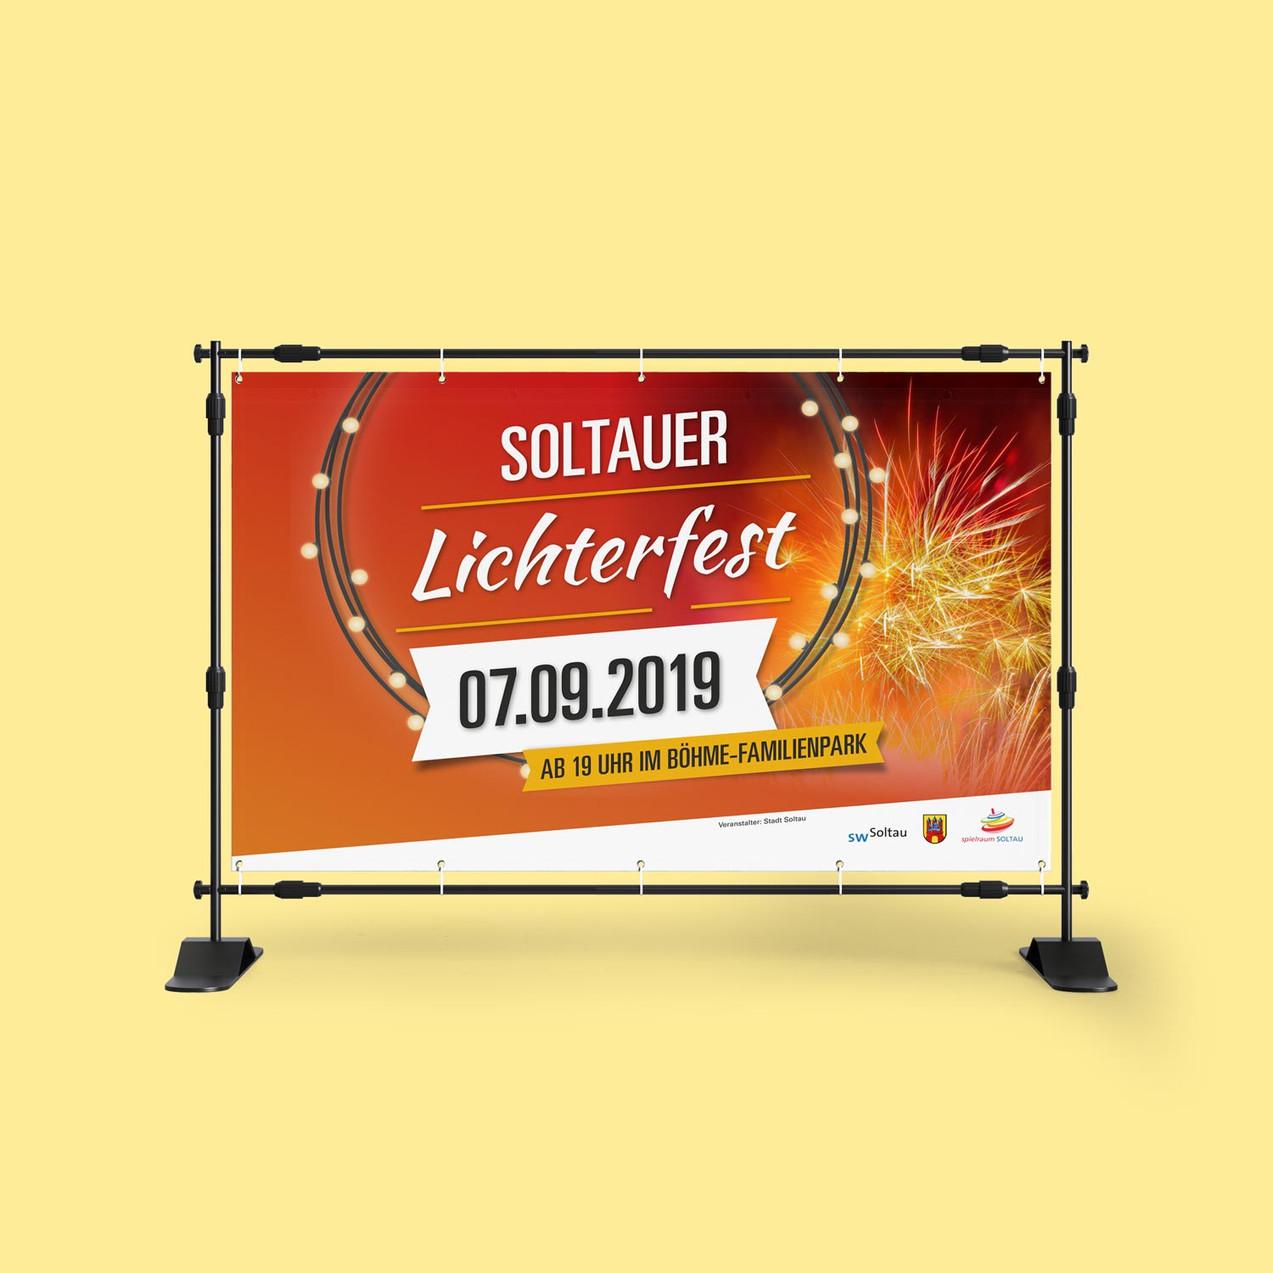 SOL_Lichterfest_Banner.jpg